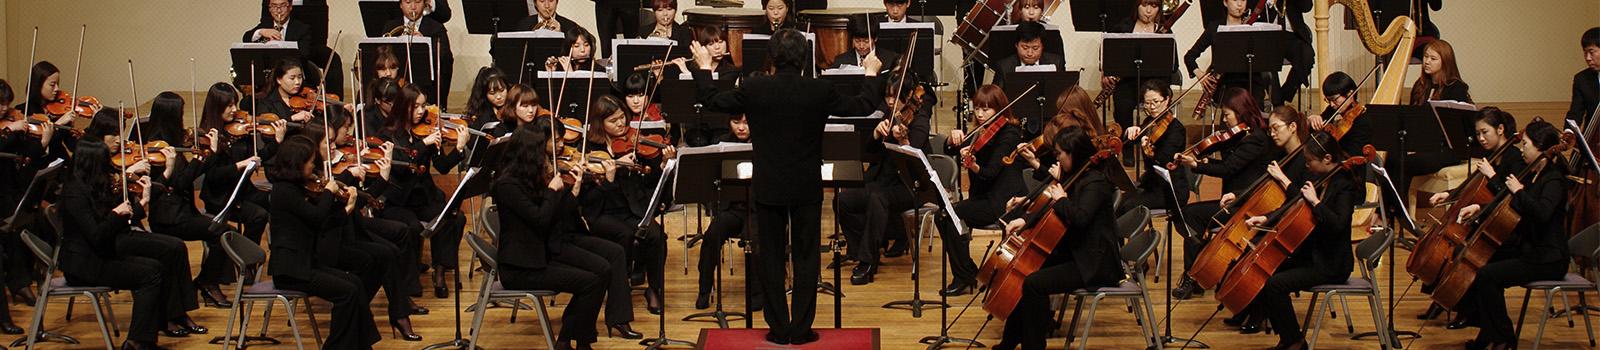 <em>예술문화 발전을 이끌 음악인 양성!</em> 인문대학 음악과